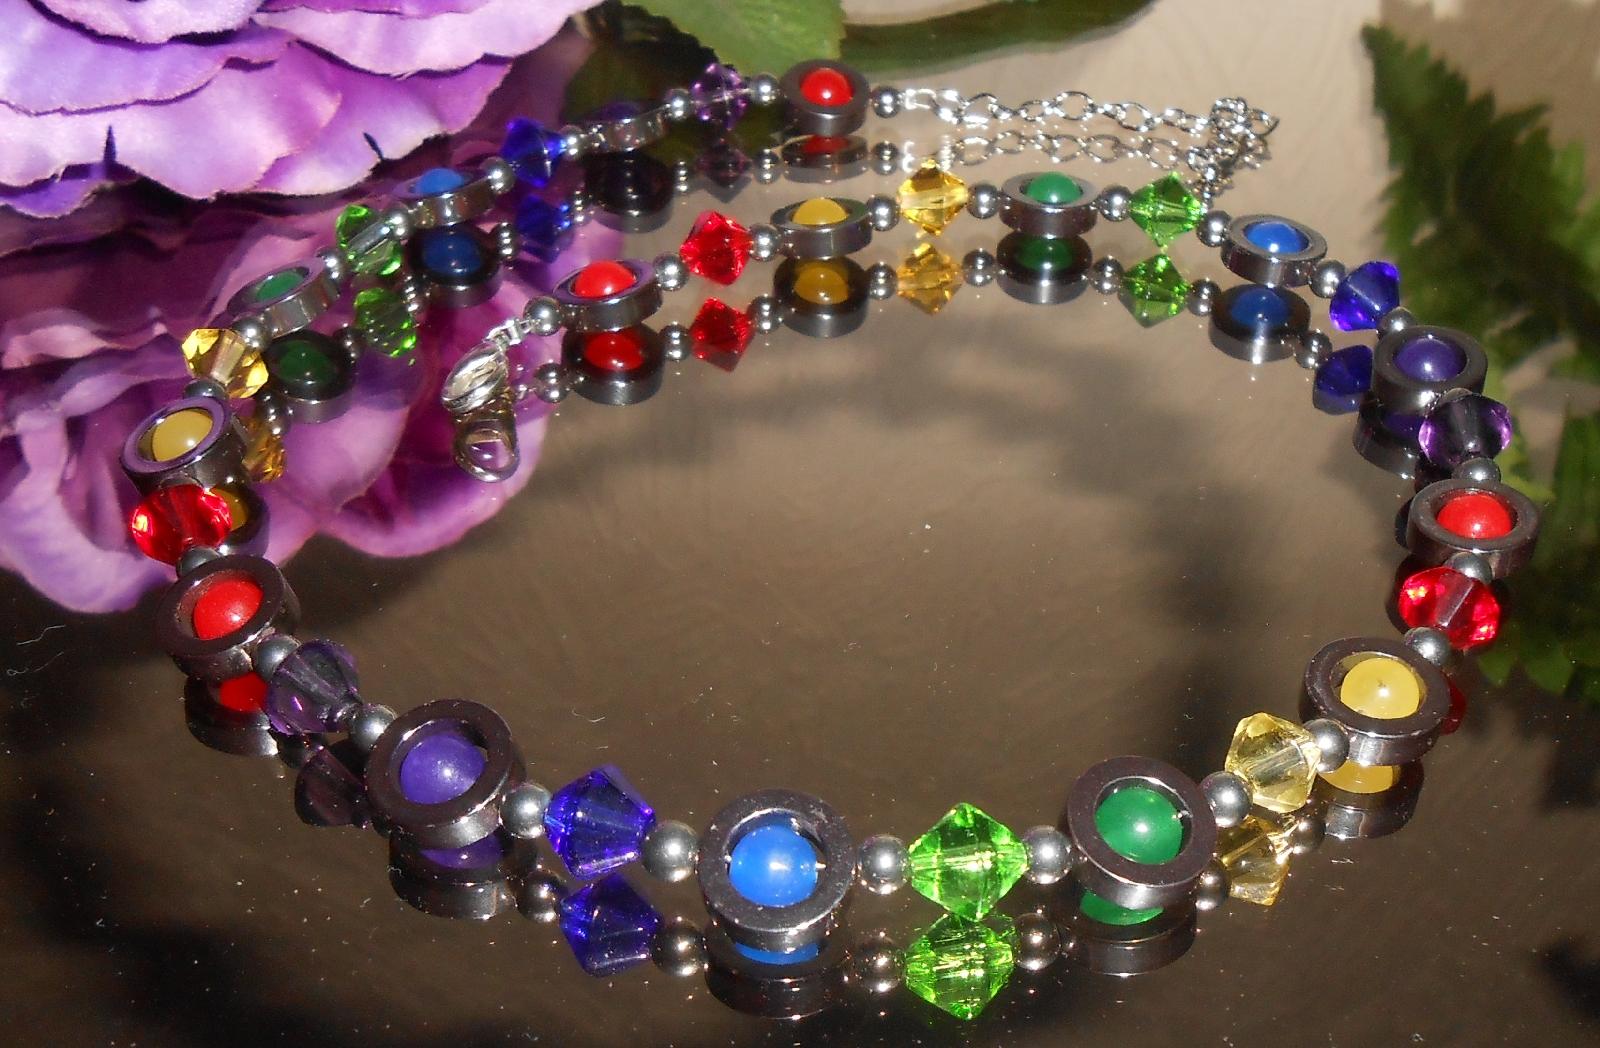 6er Schmuckset Halskette Armband Ohrringe 4 x multicolor mehrfarbig bunt 243a